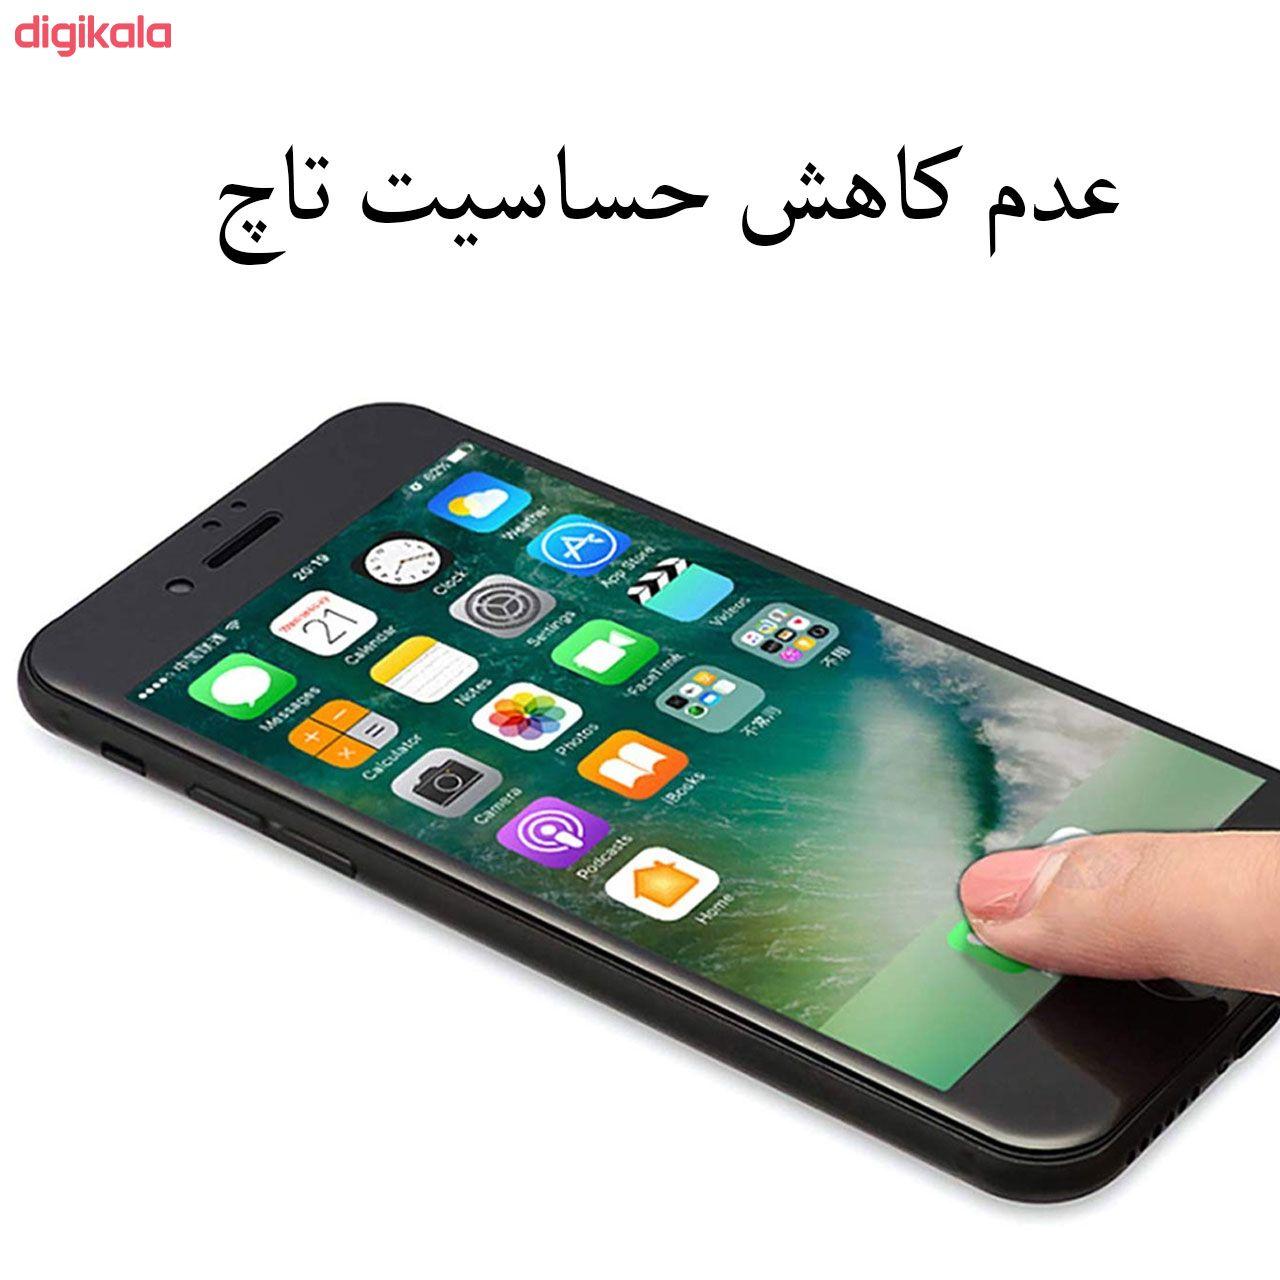 محافظ صفحه نمایش مدل FCG مناسب برای گوشی موبایل اپل iPhone 7 Plus main 1 11